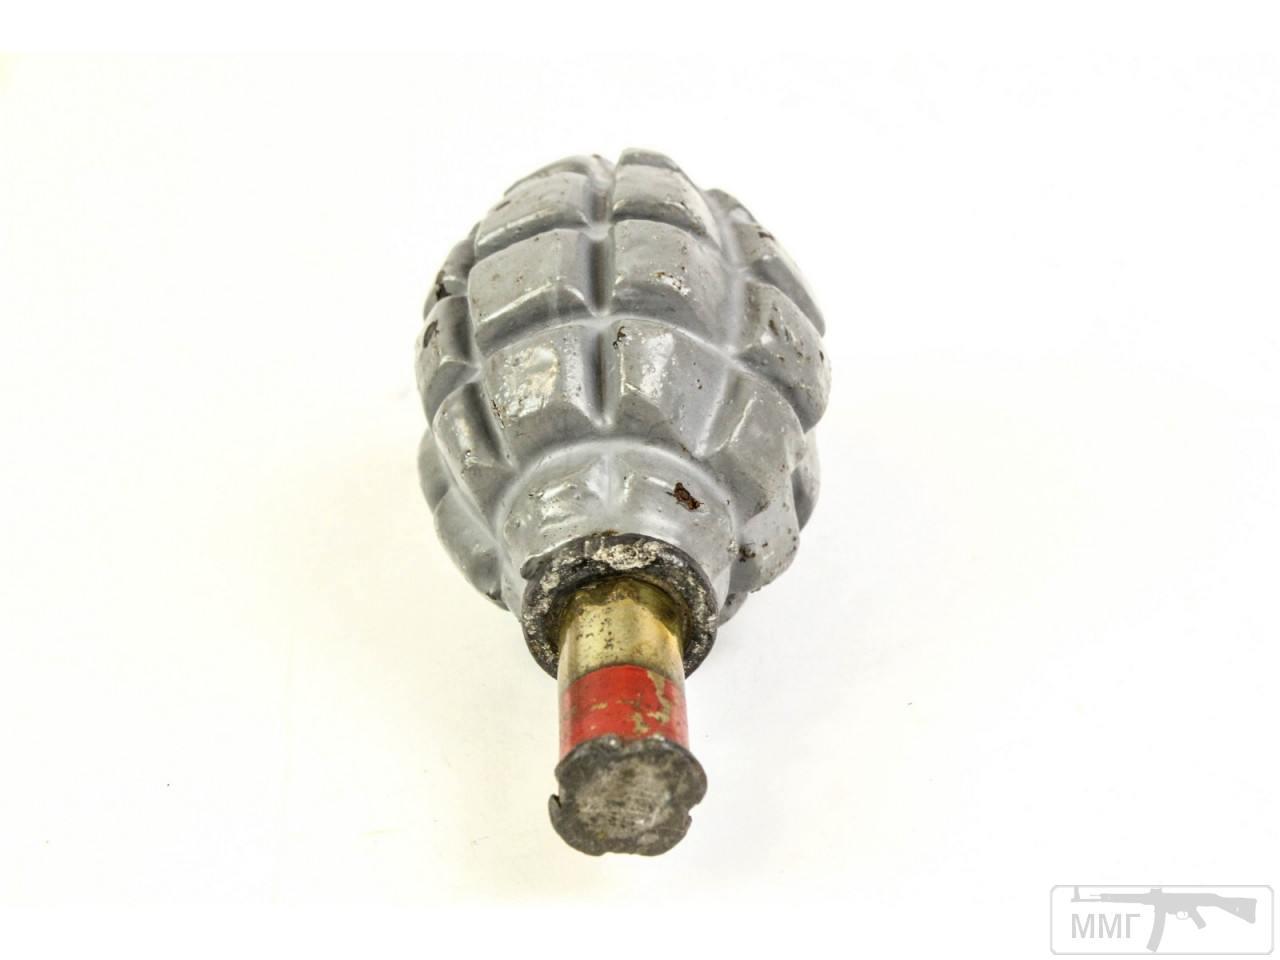 88367 - Створення ММГ патронів та ВОПів.